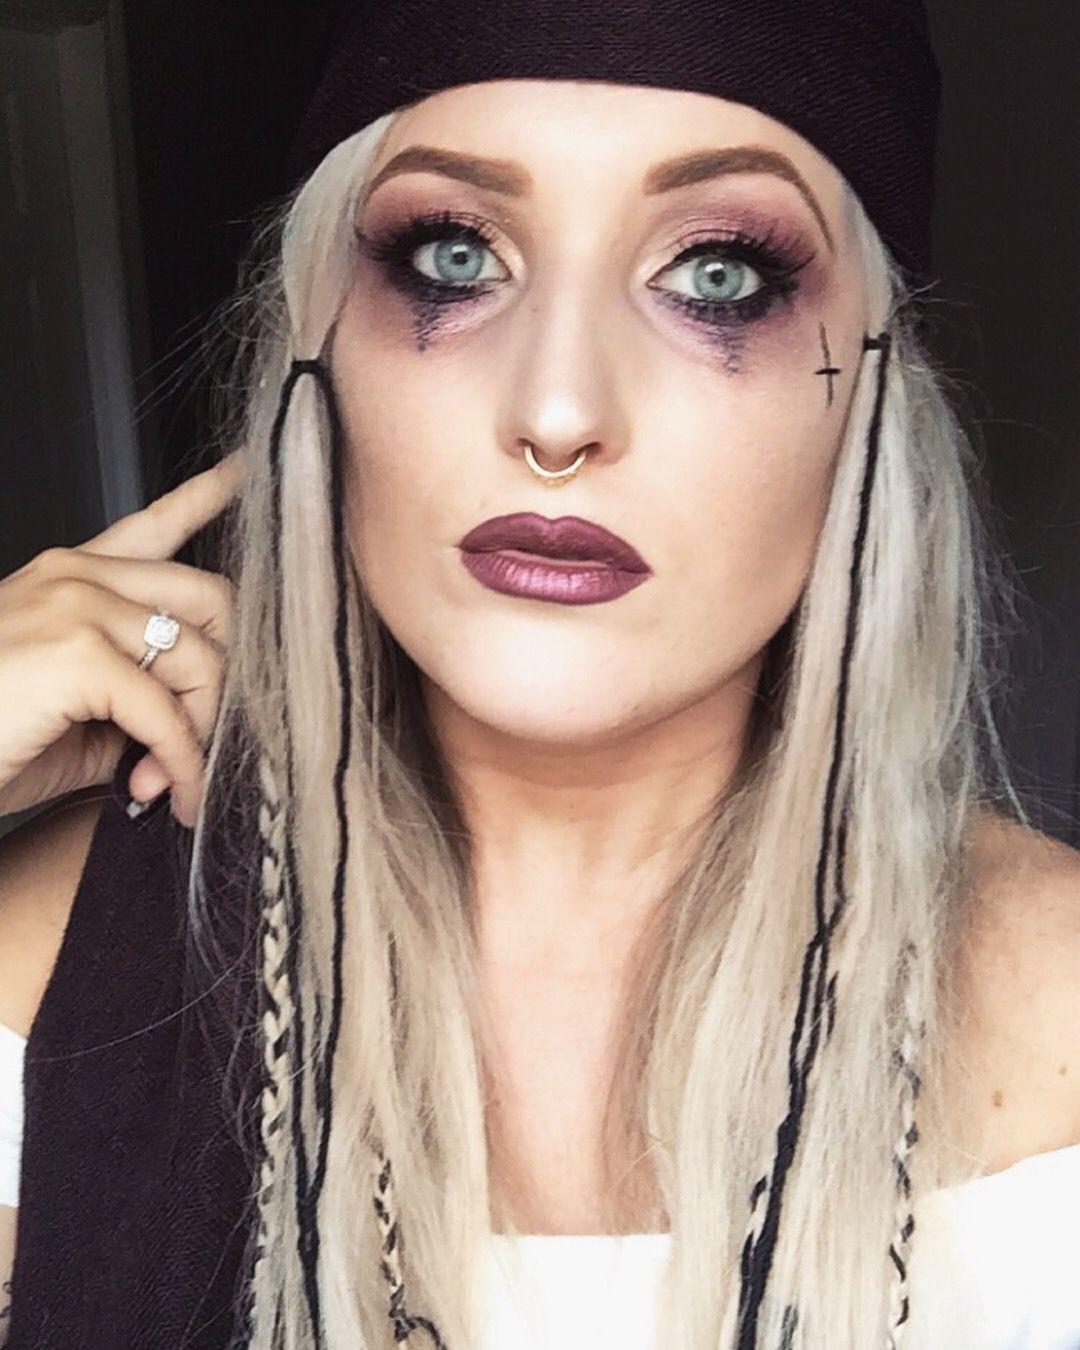 Pirate Halloween Makeup Halloween Makeup Pirate Pirate Makeup Pirate Girl Makeup